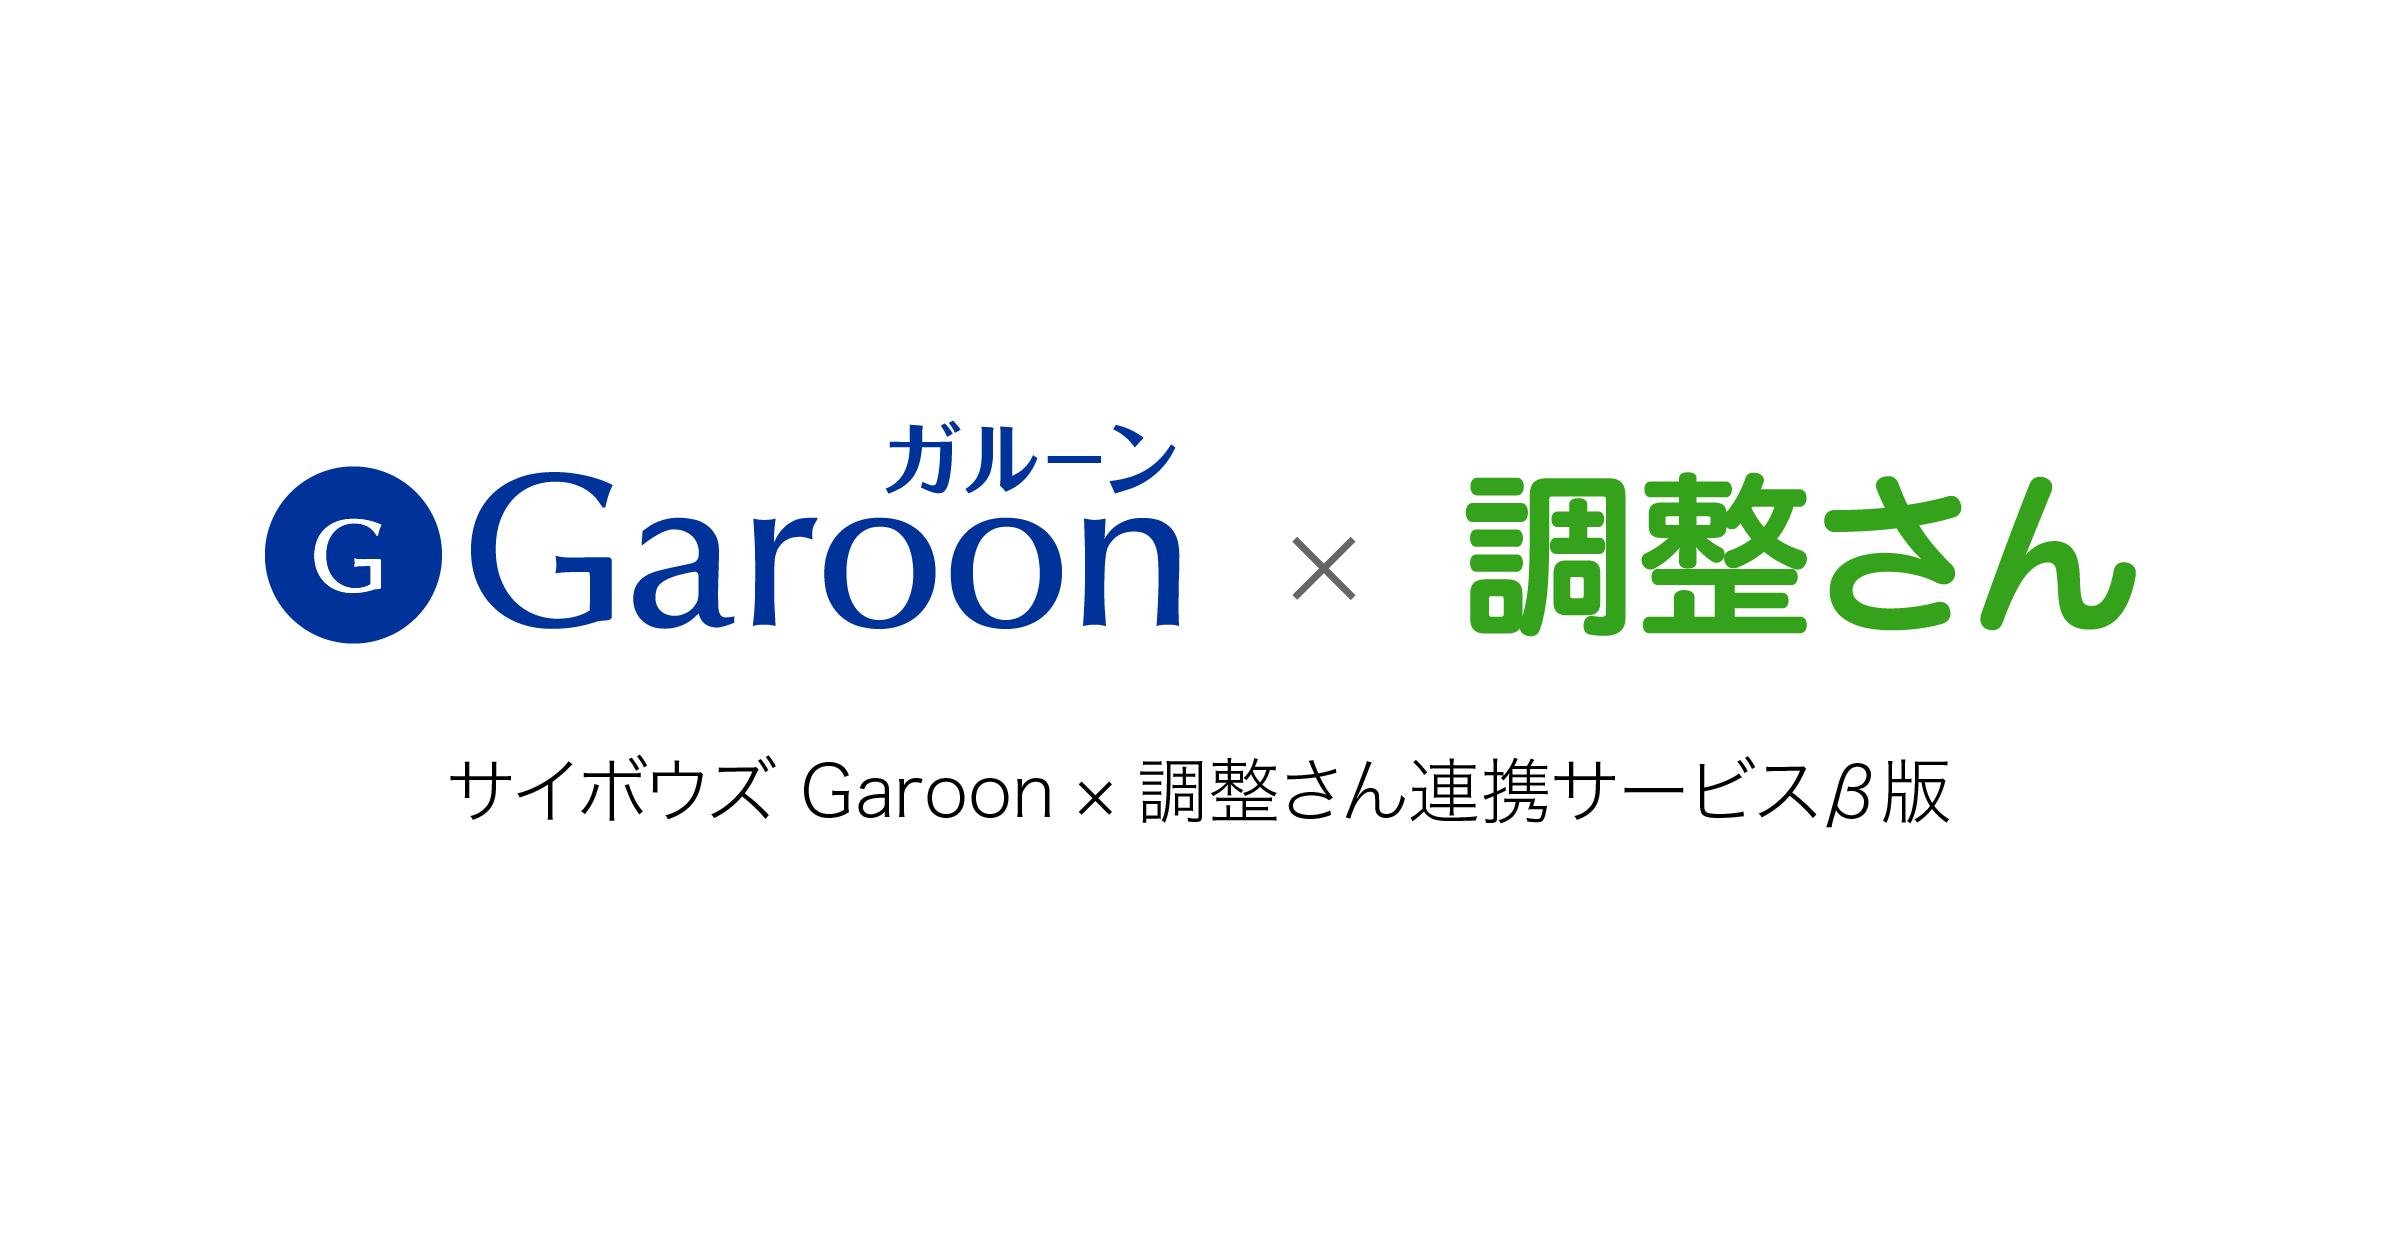 サイボウズ株式会社と提携し『サイボウズ Garoon×調整さん連携サービスβ版』の提供を開始しました